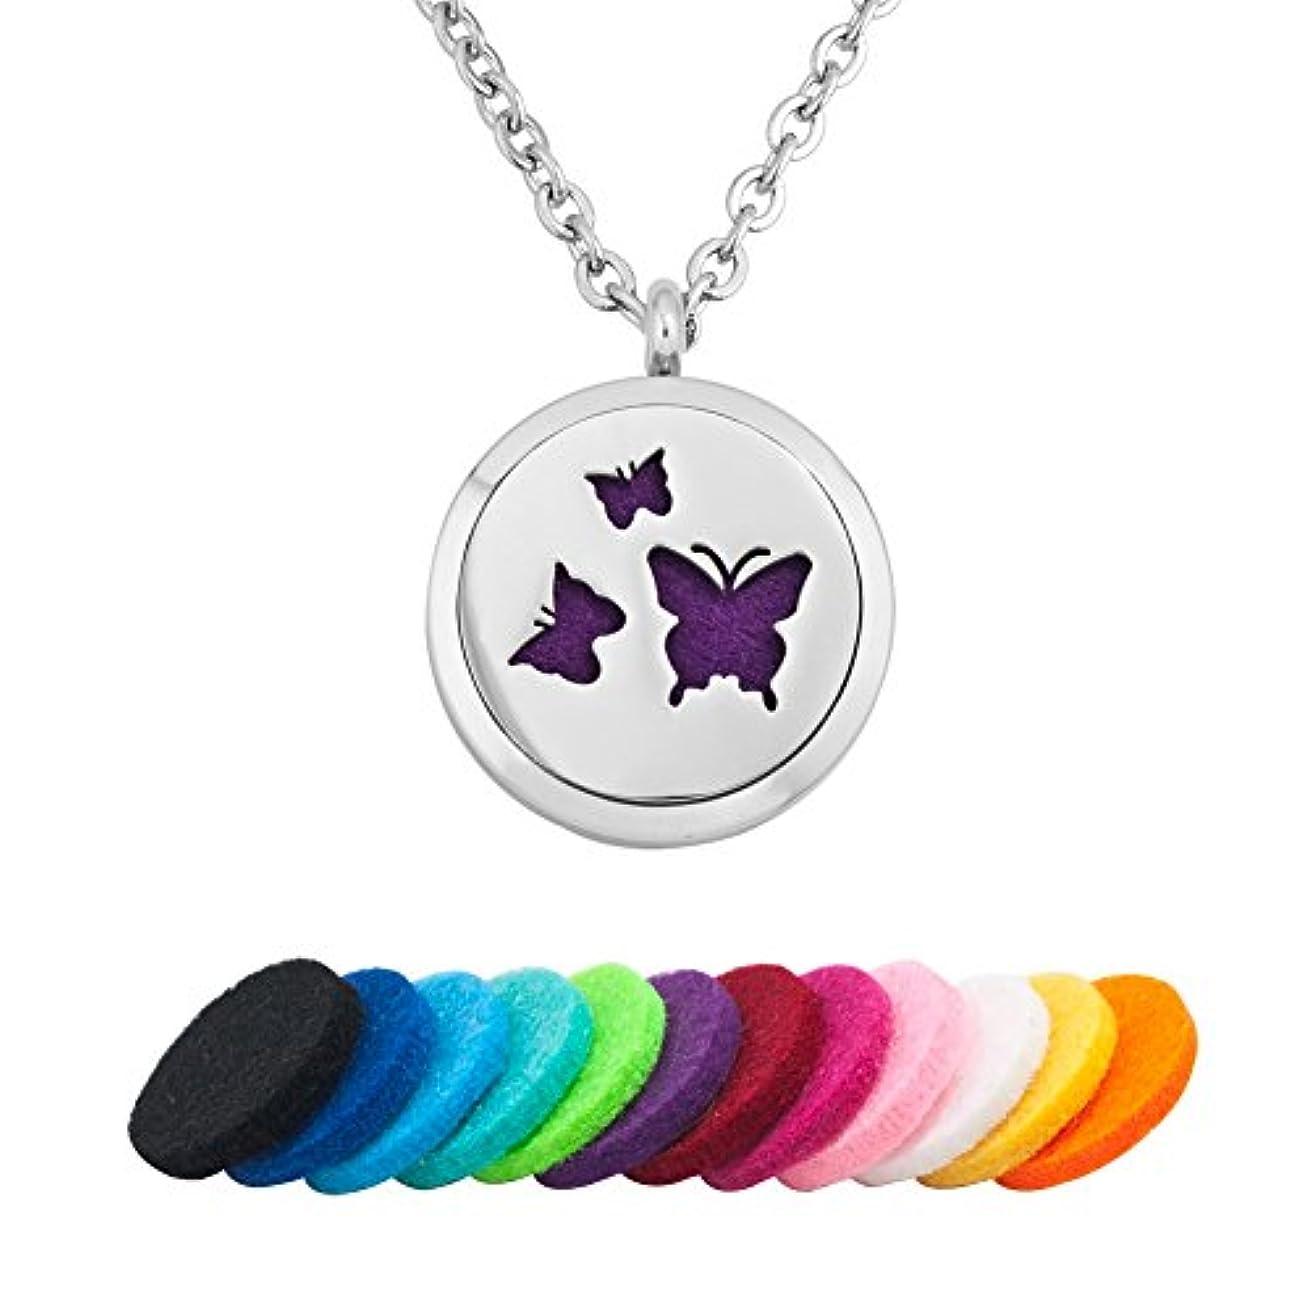 創始者多用途大陸demijewelry Aromatherapy Essential Oil Diffuserネックレスロケットペンダント、12 Refill Pads